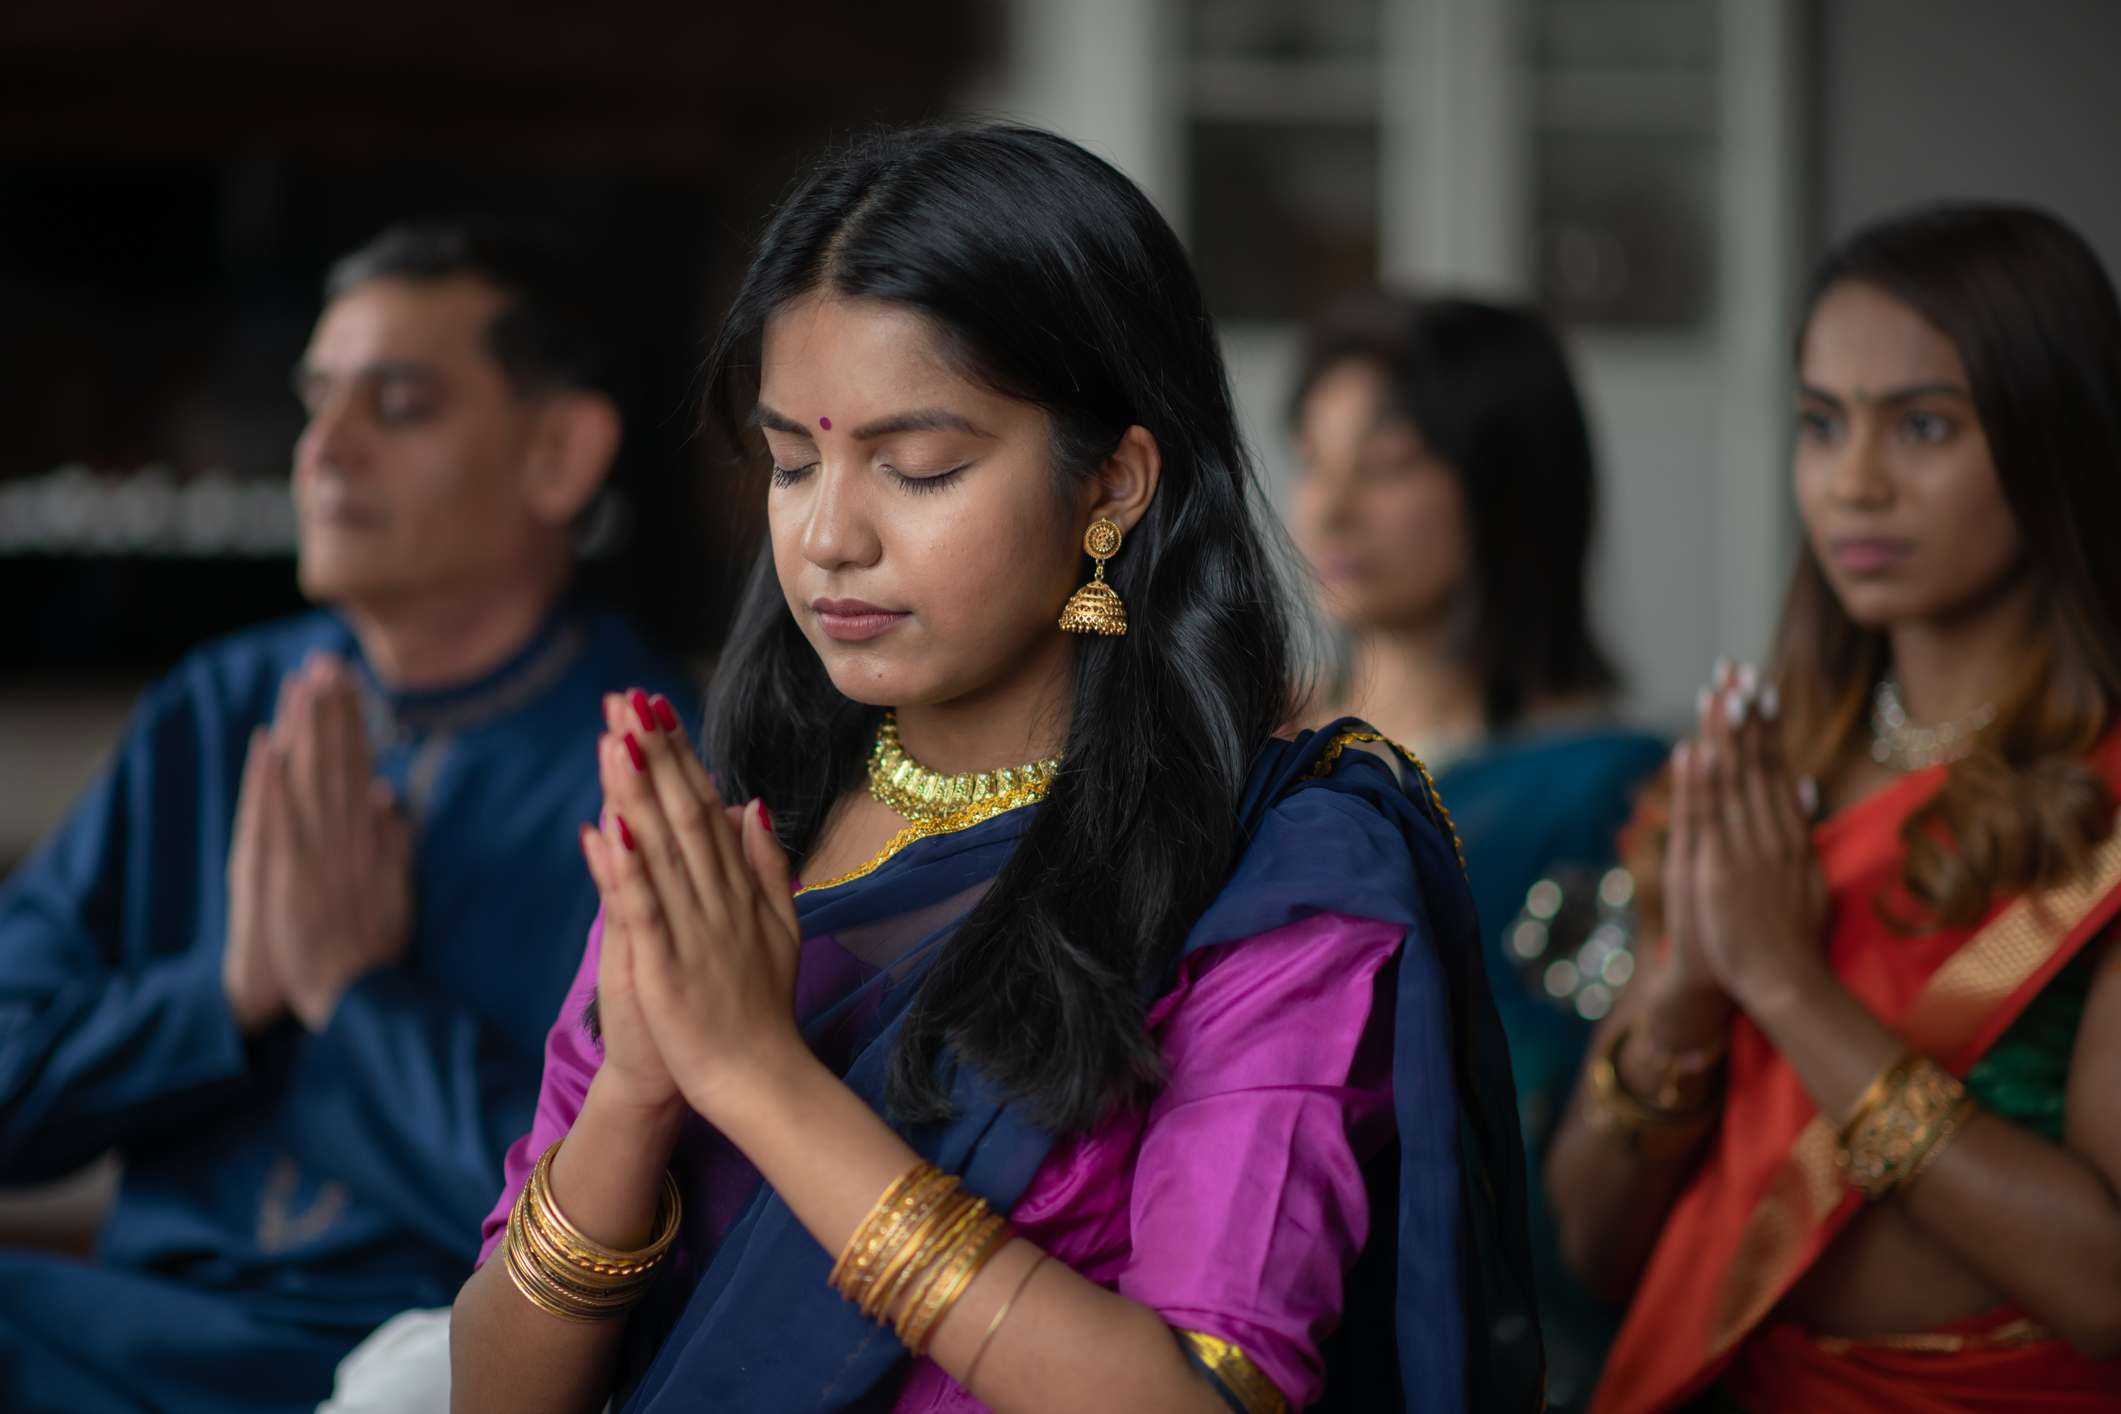 Indian family praying together, celebrating Diwali.